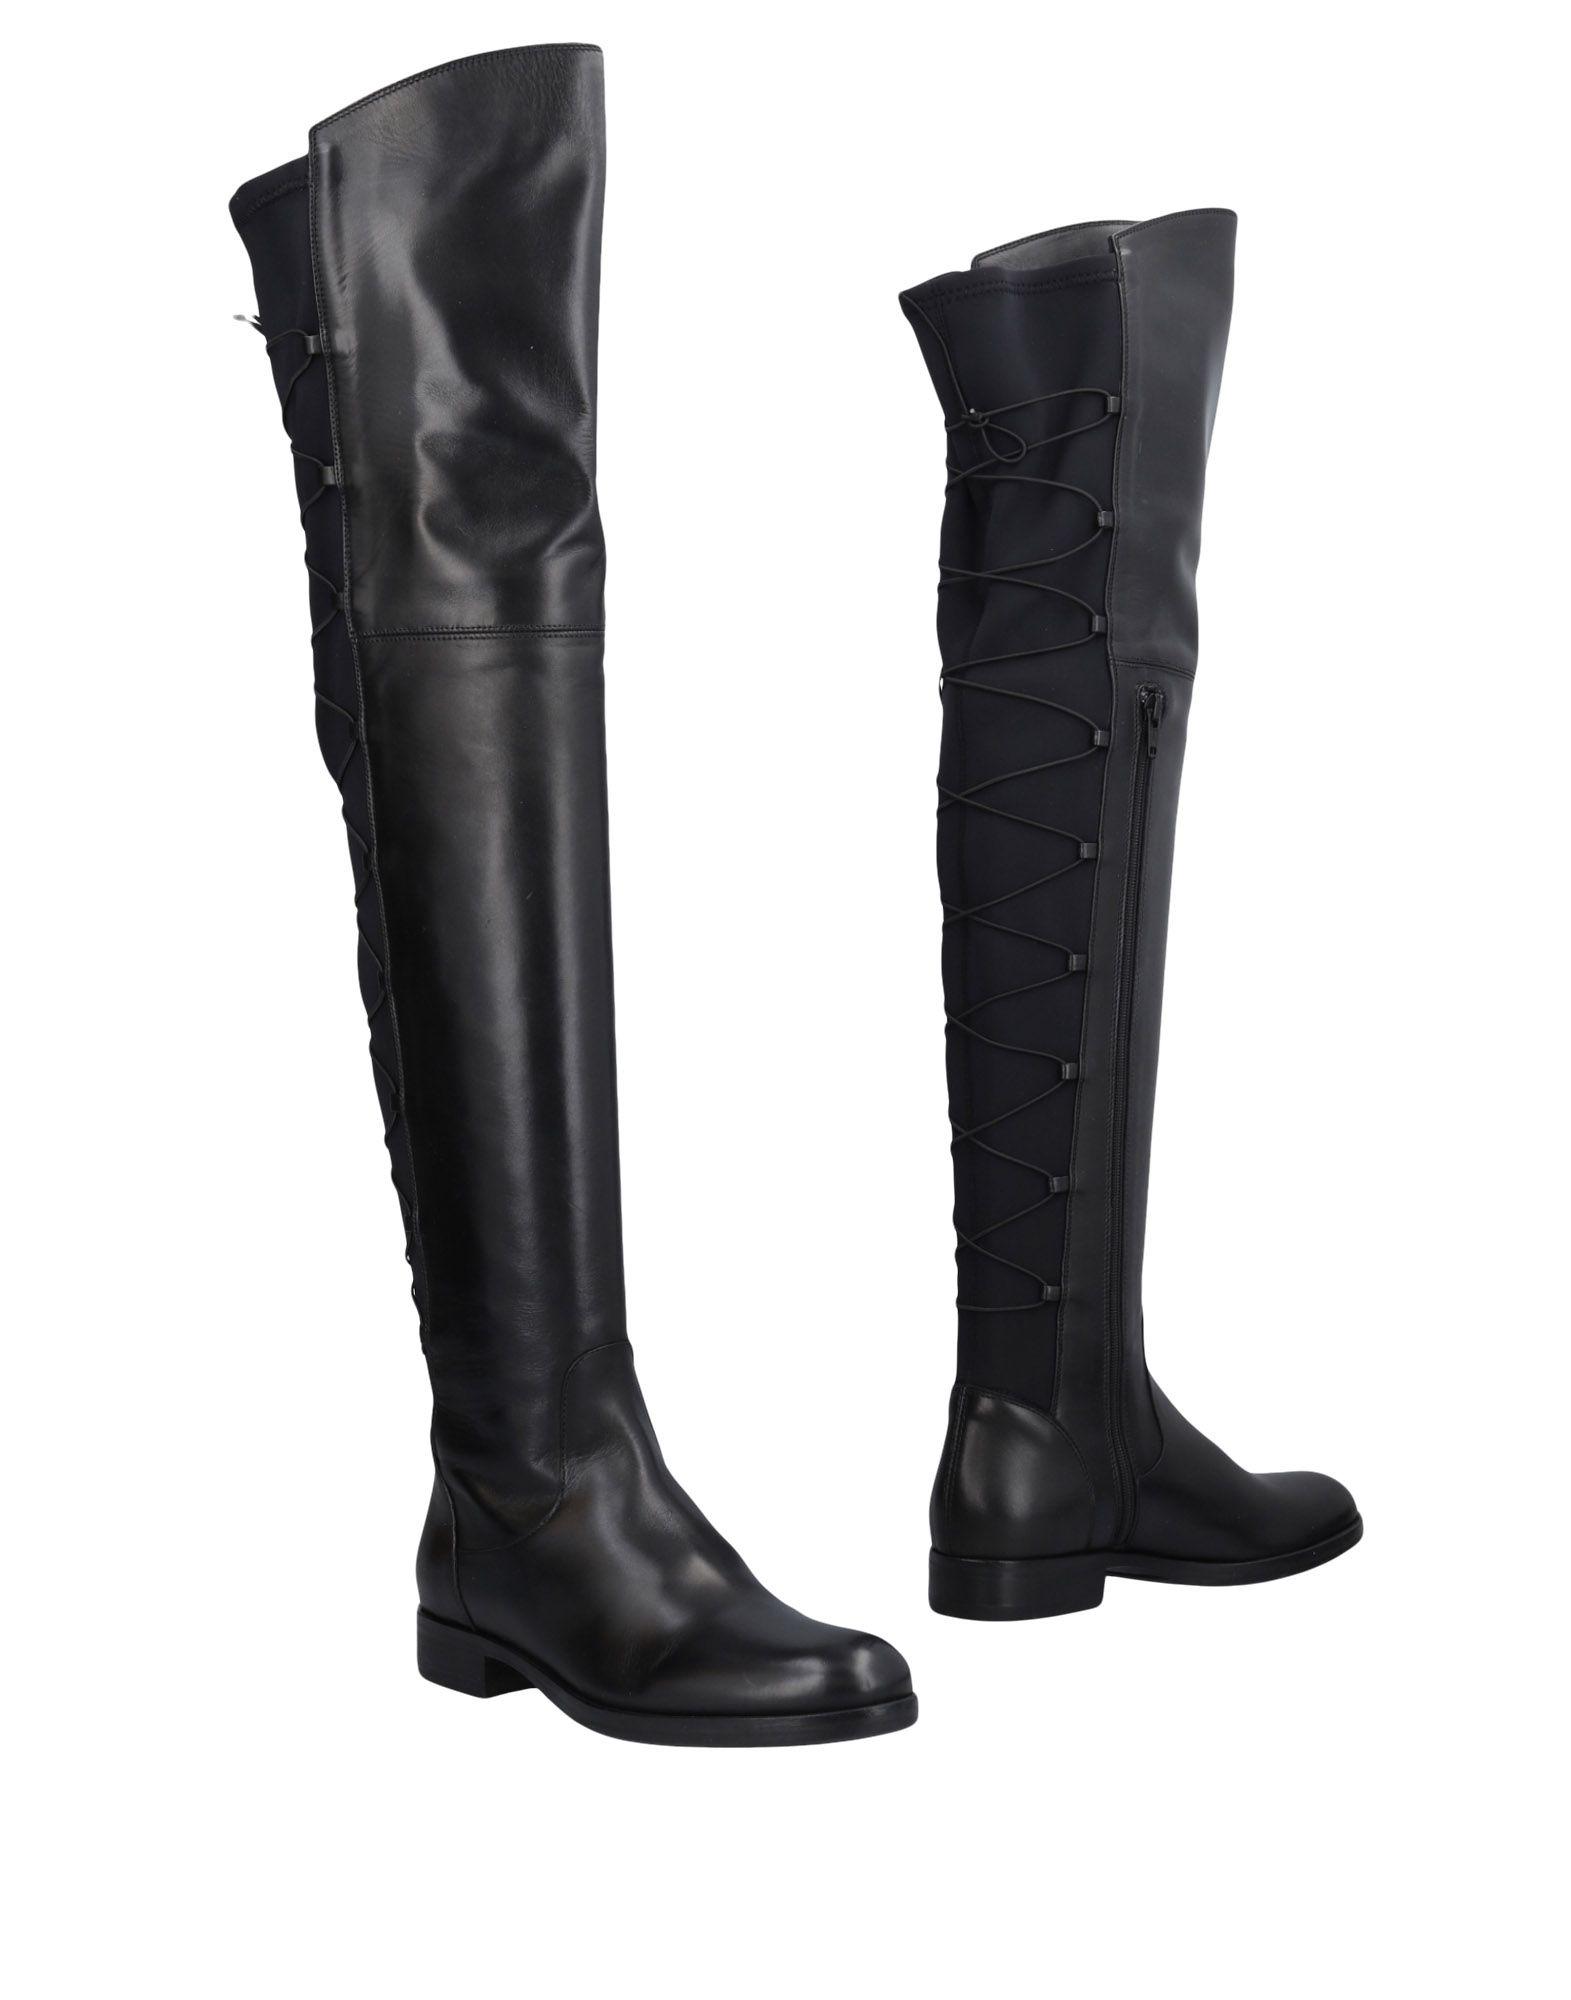 Archyve Stiefel Damen  11488470KMGut aussehende strapazierfähige Schuhe